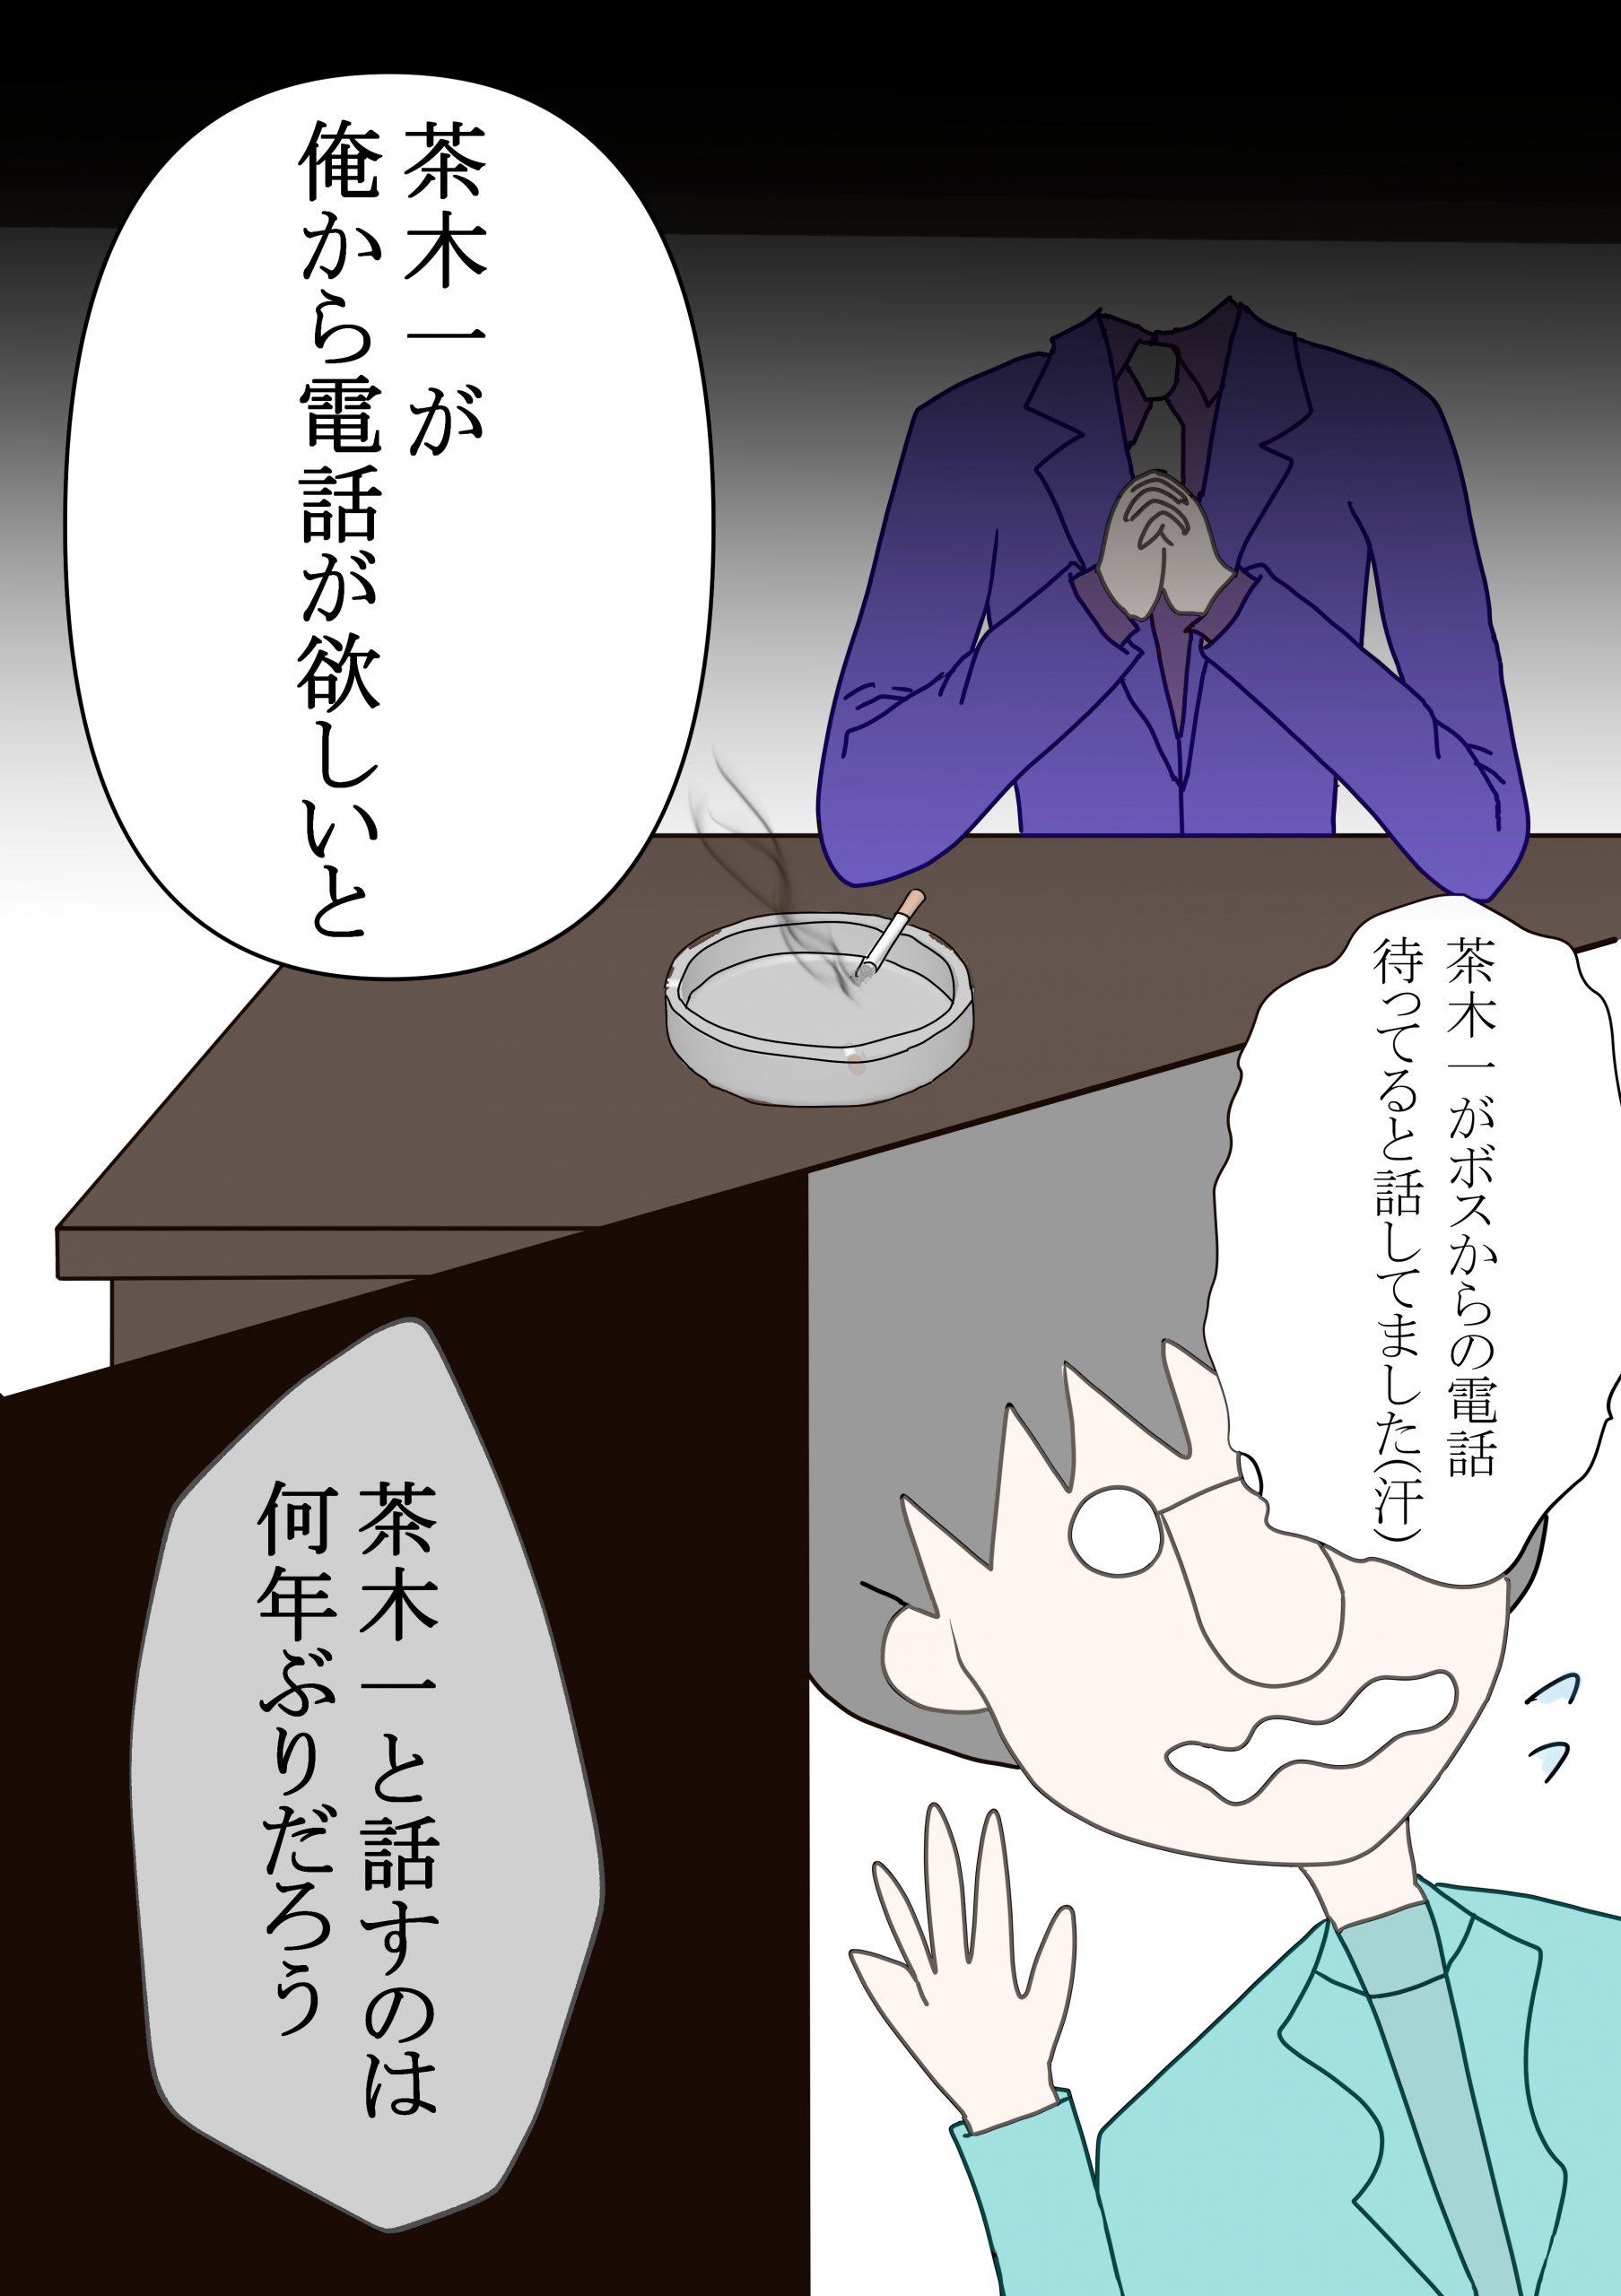 特殊詐欺ぼうしくん4-1